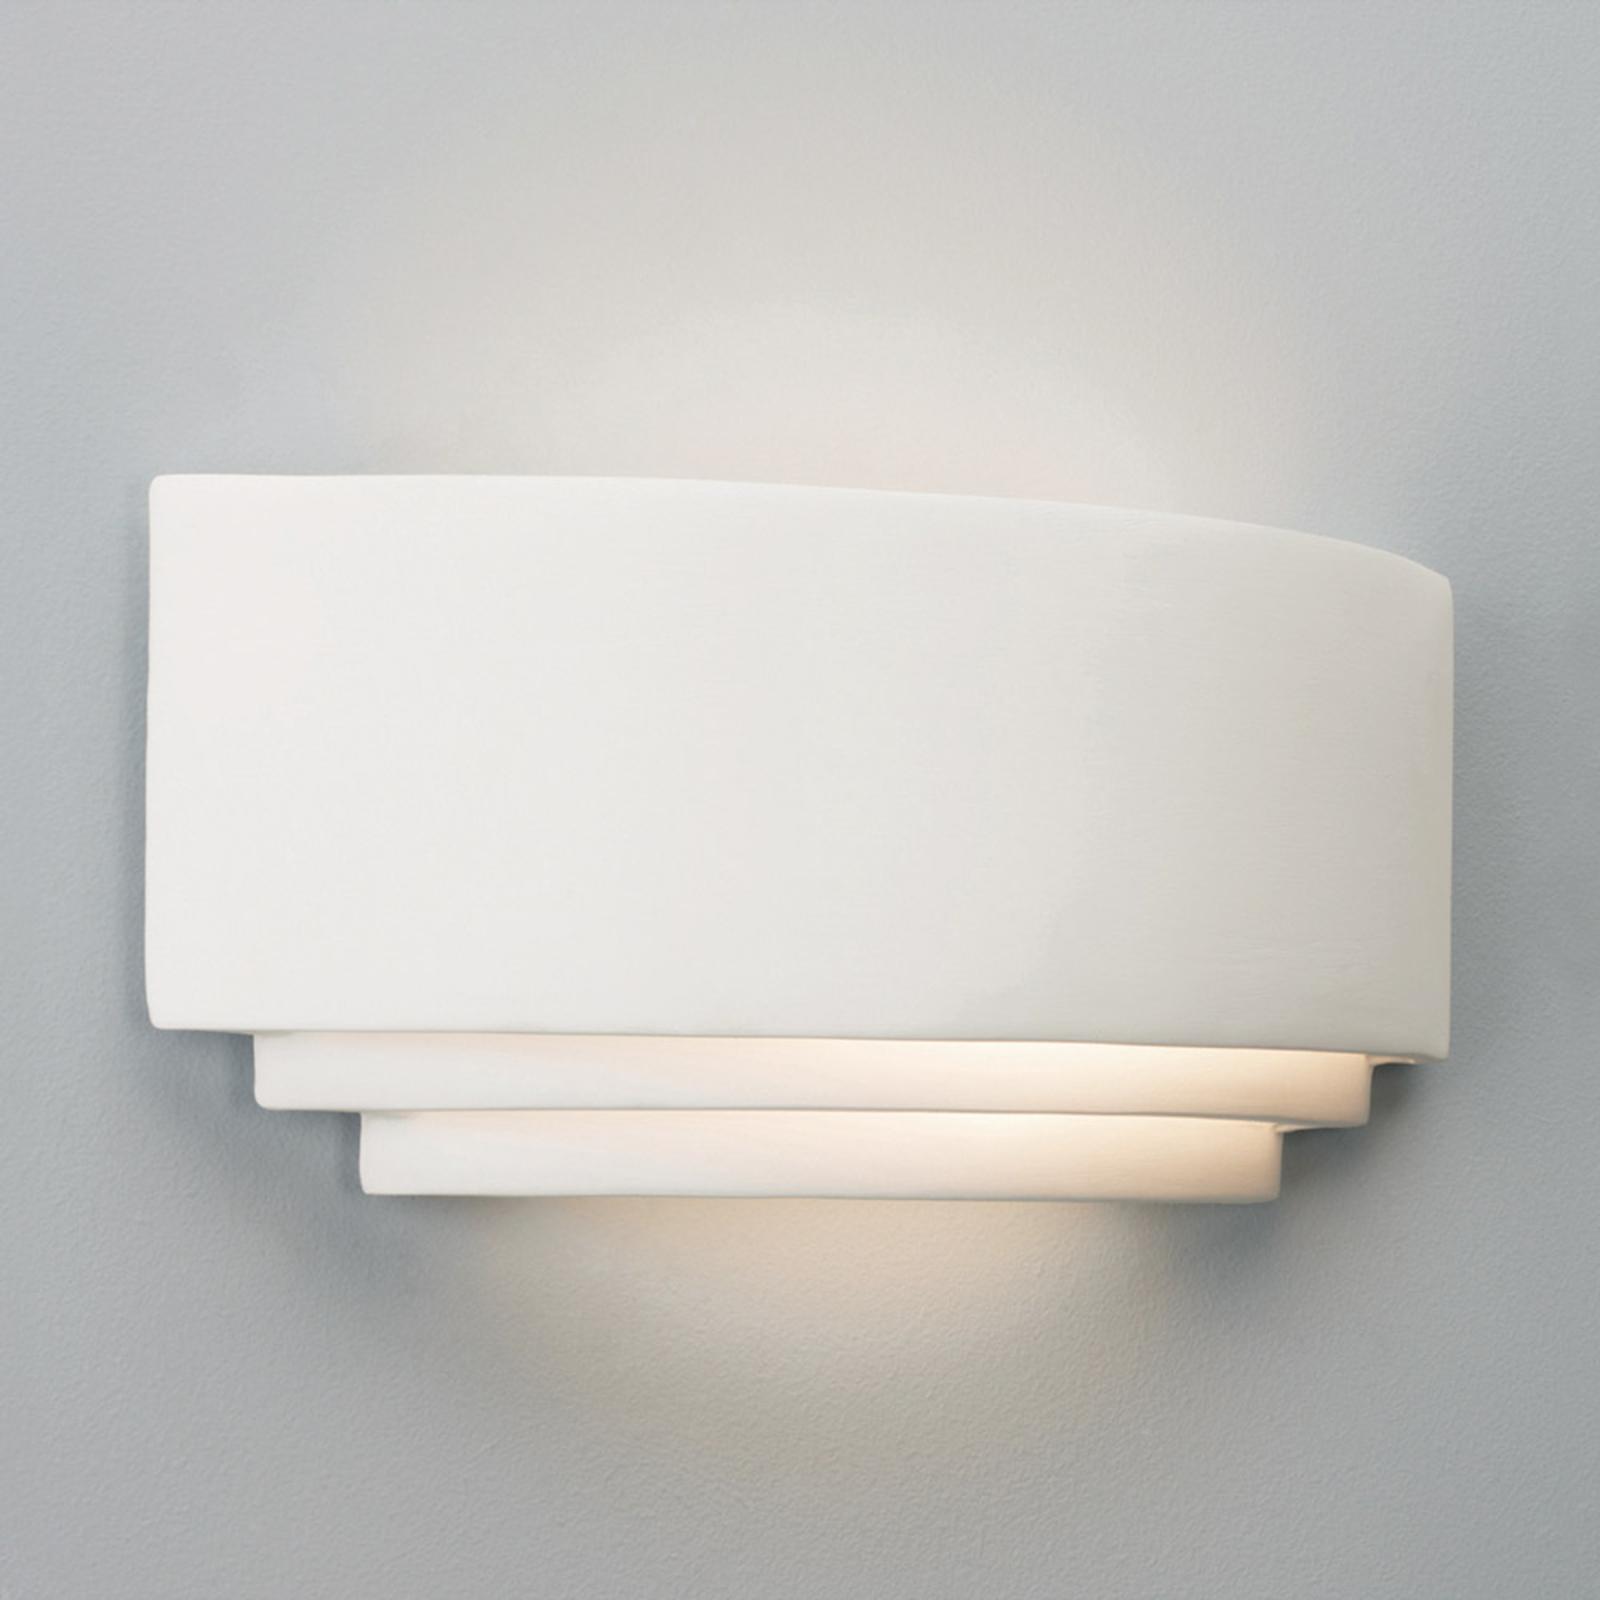 Enkel AMALFI væglampe i gips